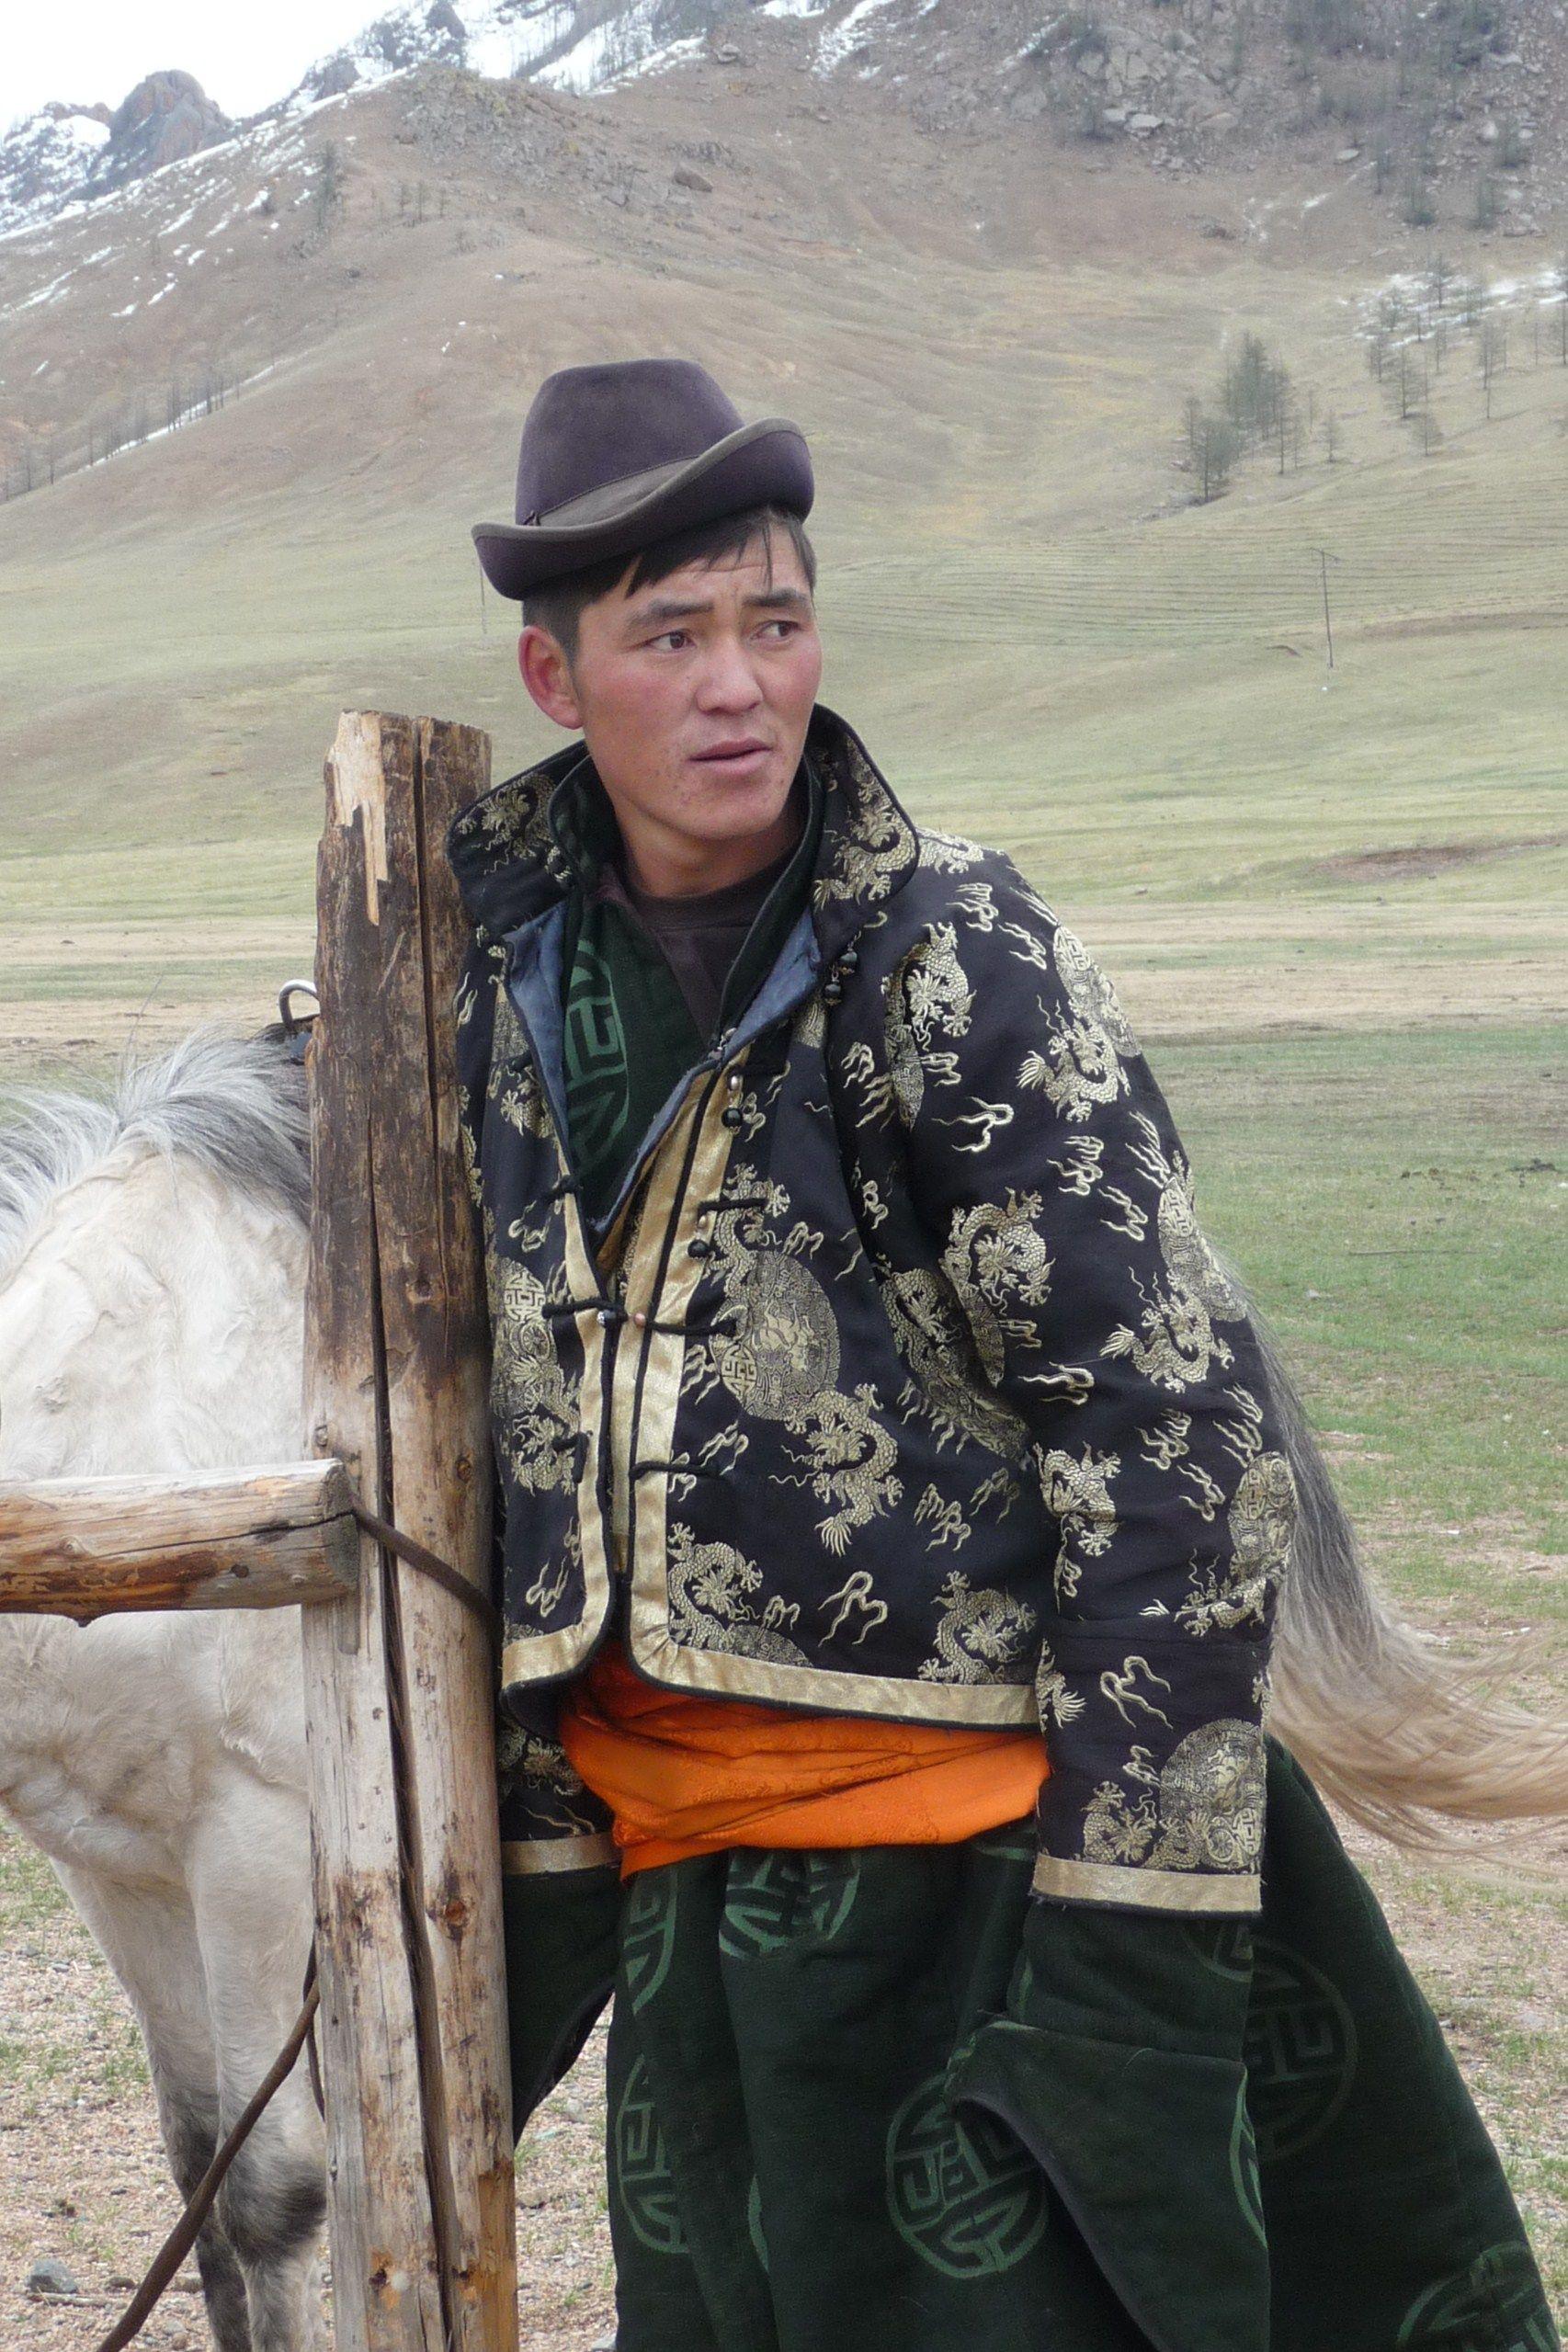 Man in Gorkhi Telejl National Park, Mongolia